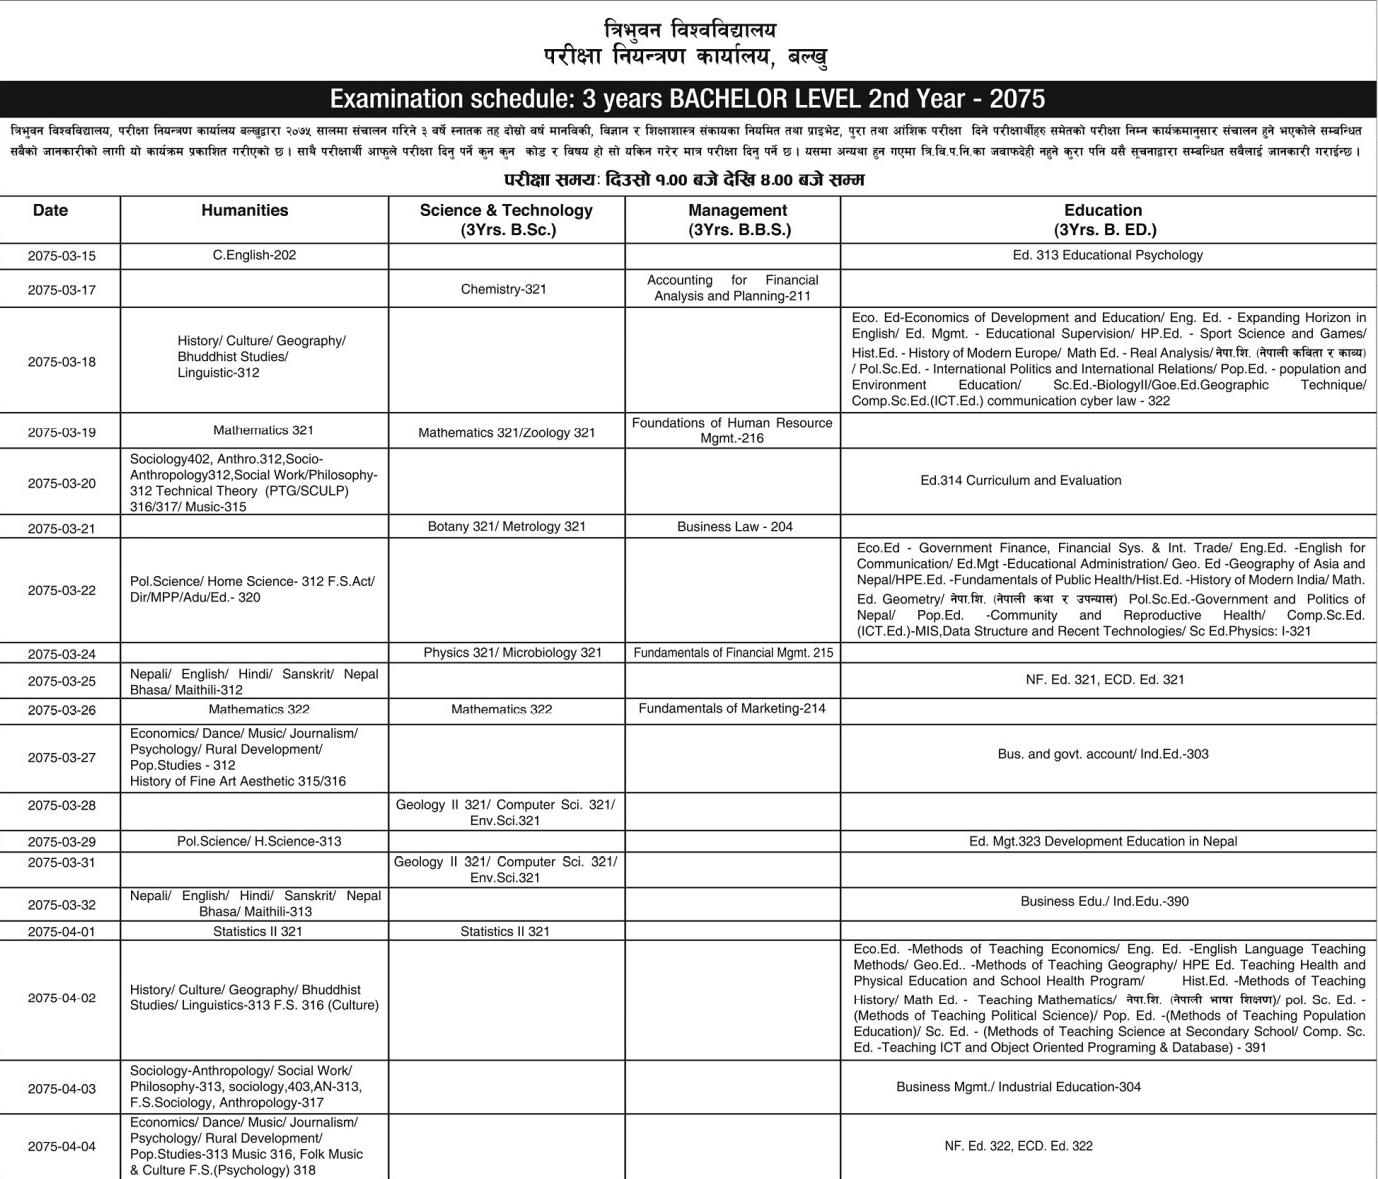 TU Bachelor 3 Years 2nd Year Exam Routine 2075 (2018) | Tribhuvan University